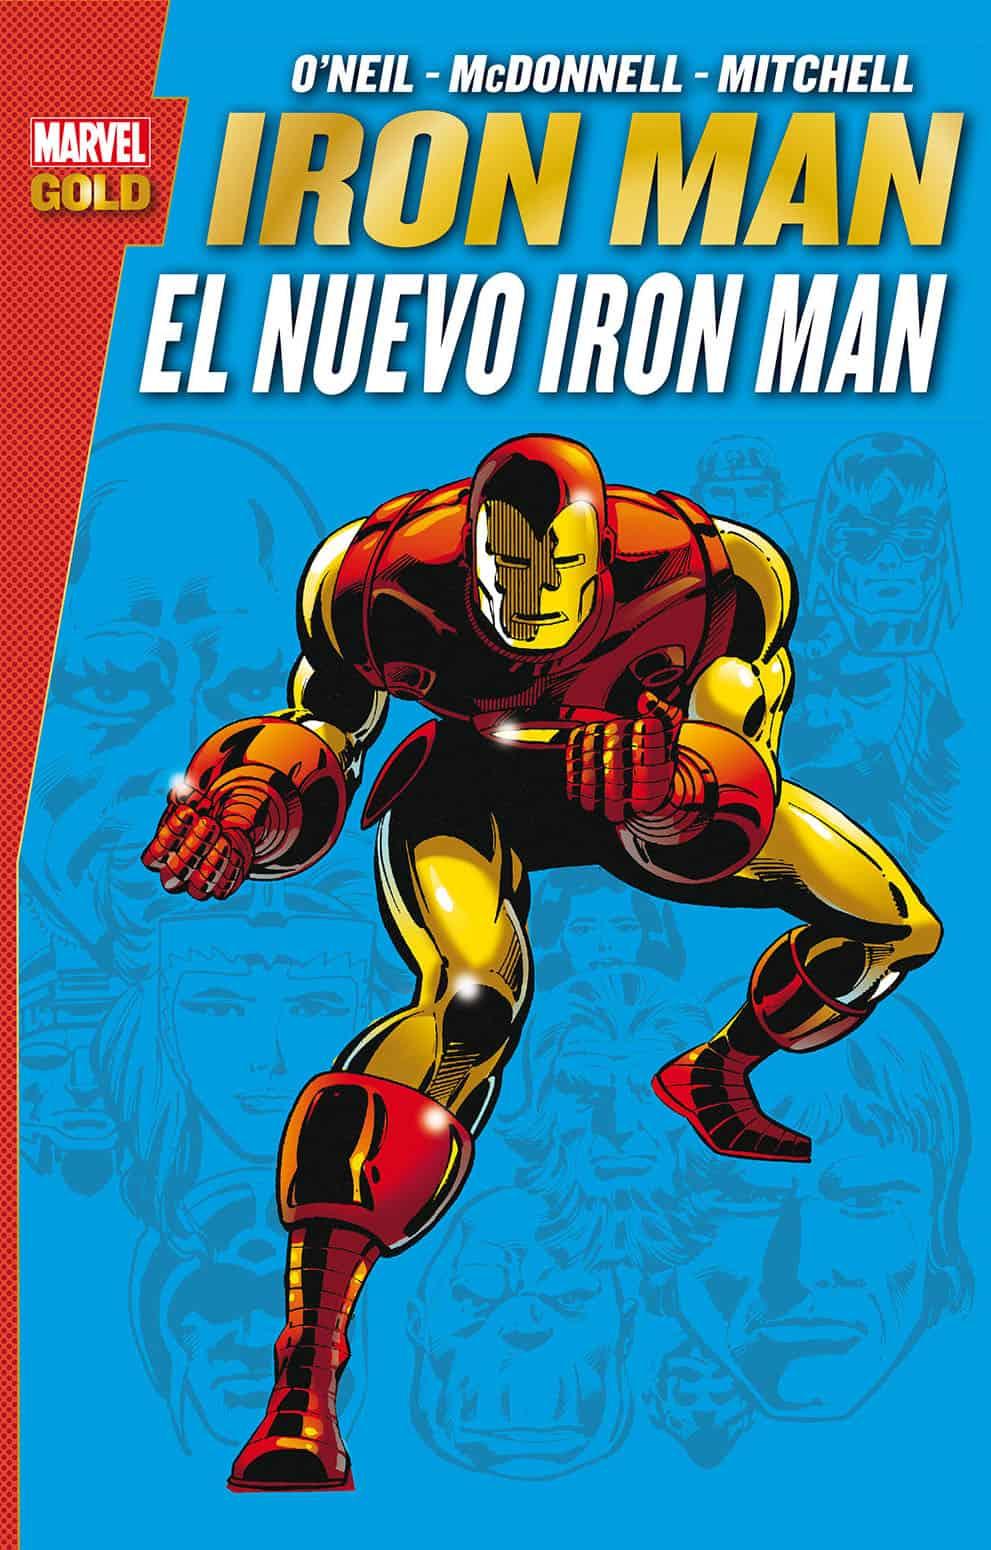 IRON MAN. EL NUEVO IRON MAN (MARVEL GOLD)